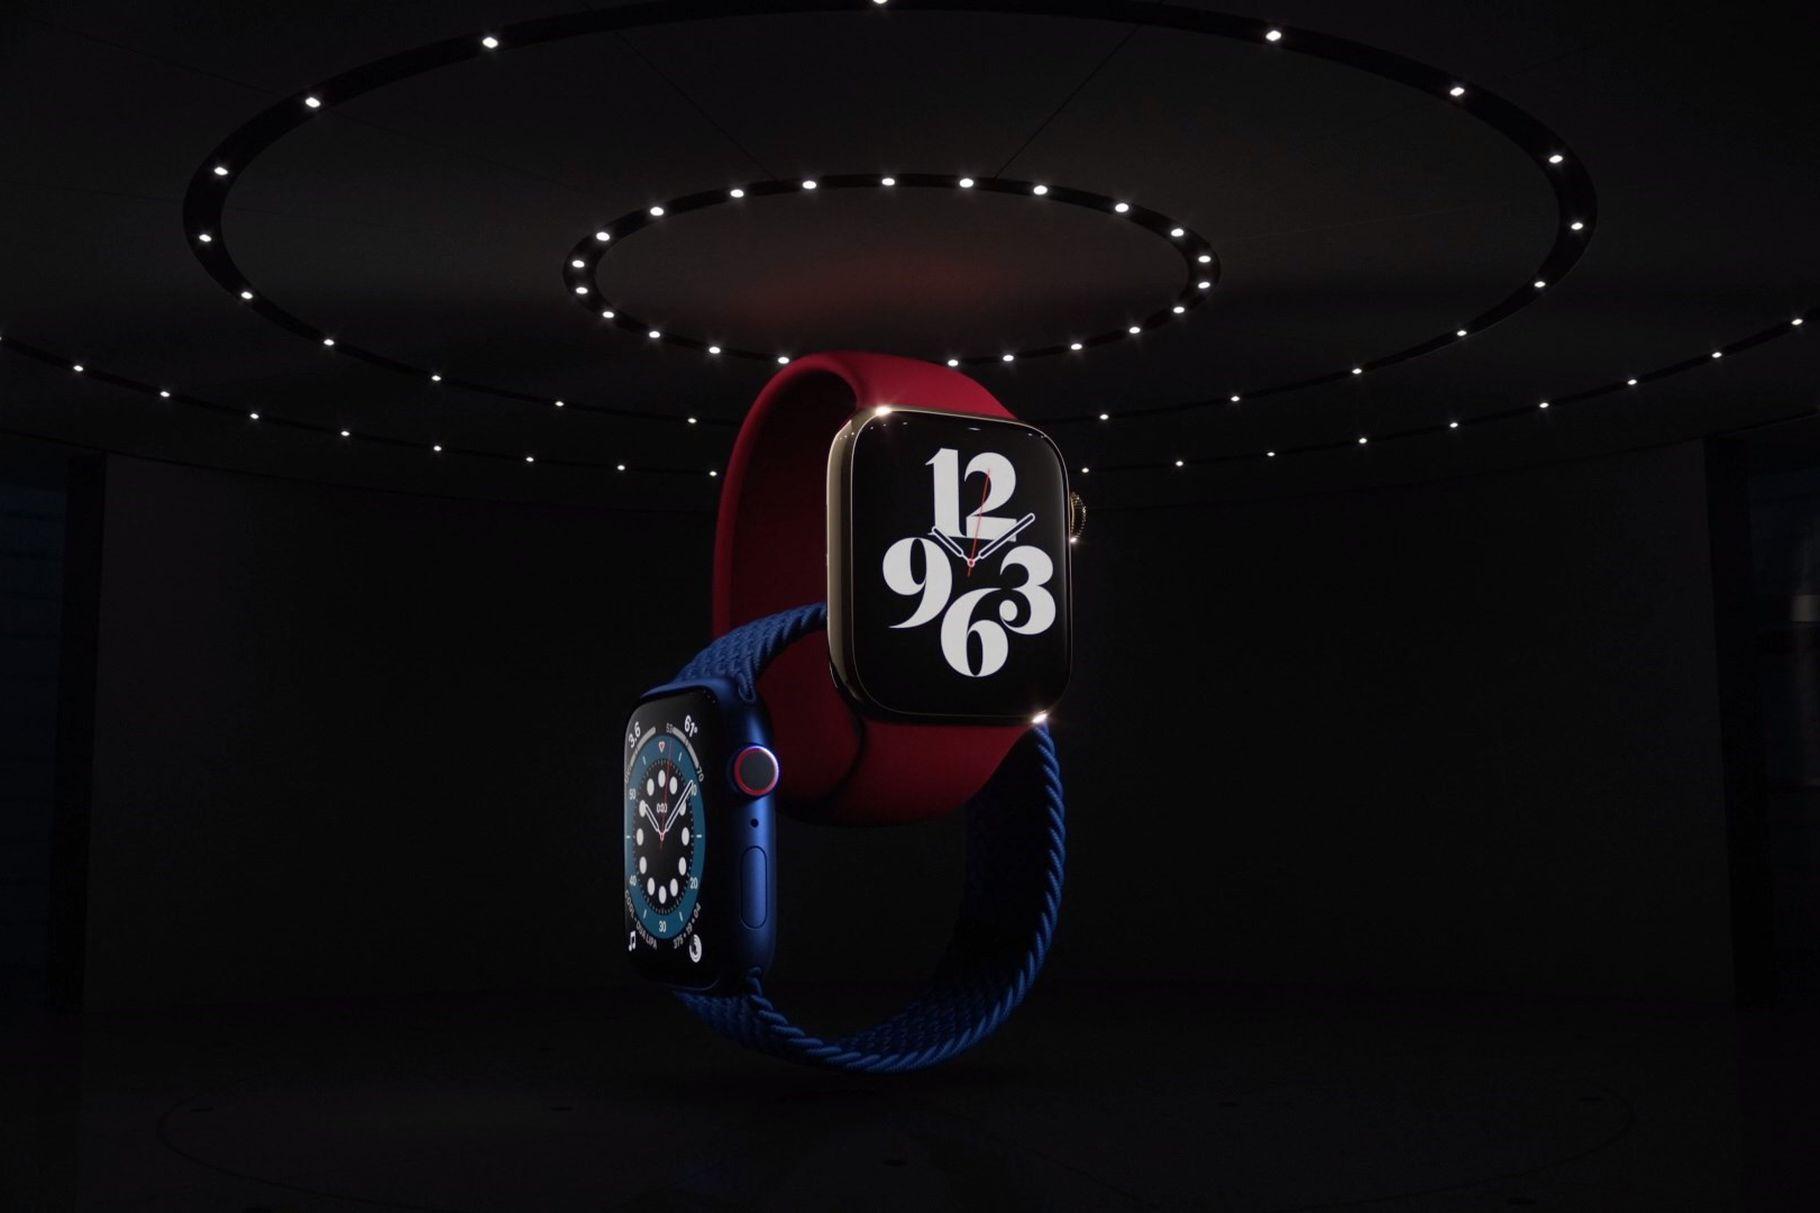 Apple обяви Apple Watch Series 6 с възможност за измерване на нивата на кислород в кръвта